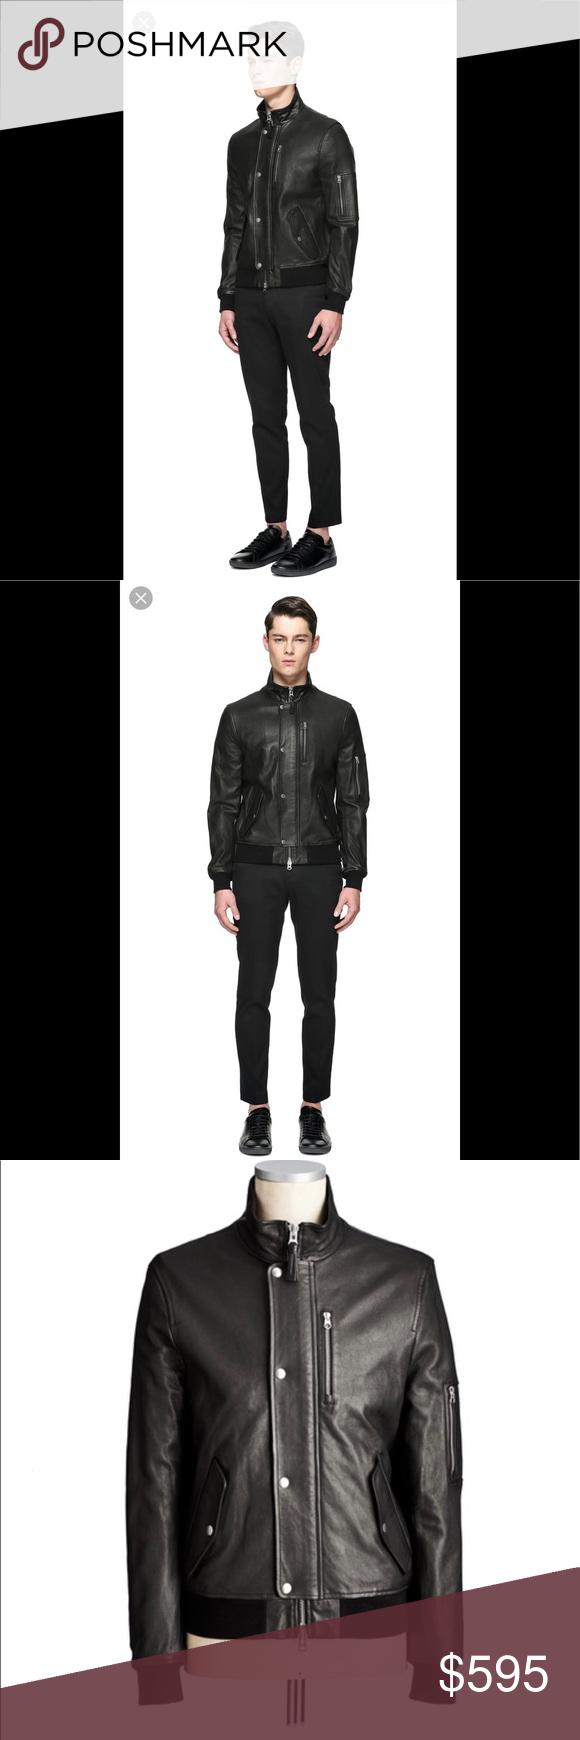 Mackage Joaquin Black Leather Jacket Size 44 Leather Jacket Black Leather Jacket Black Leather